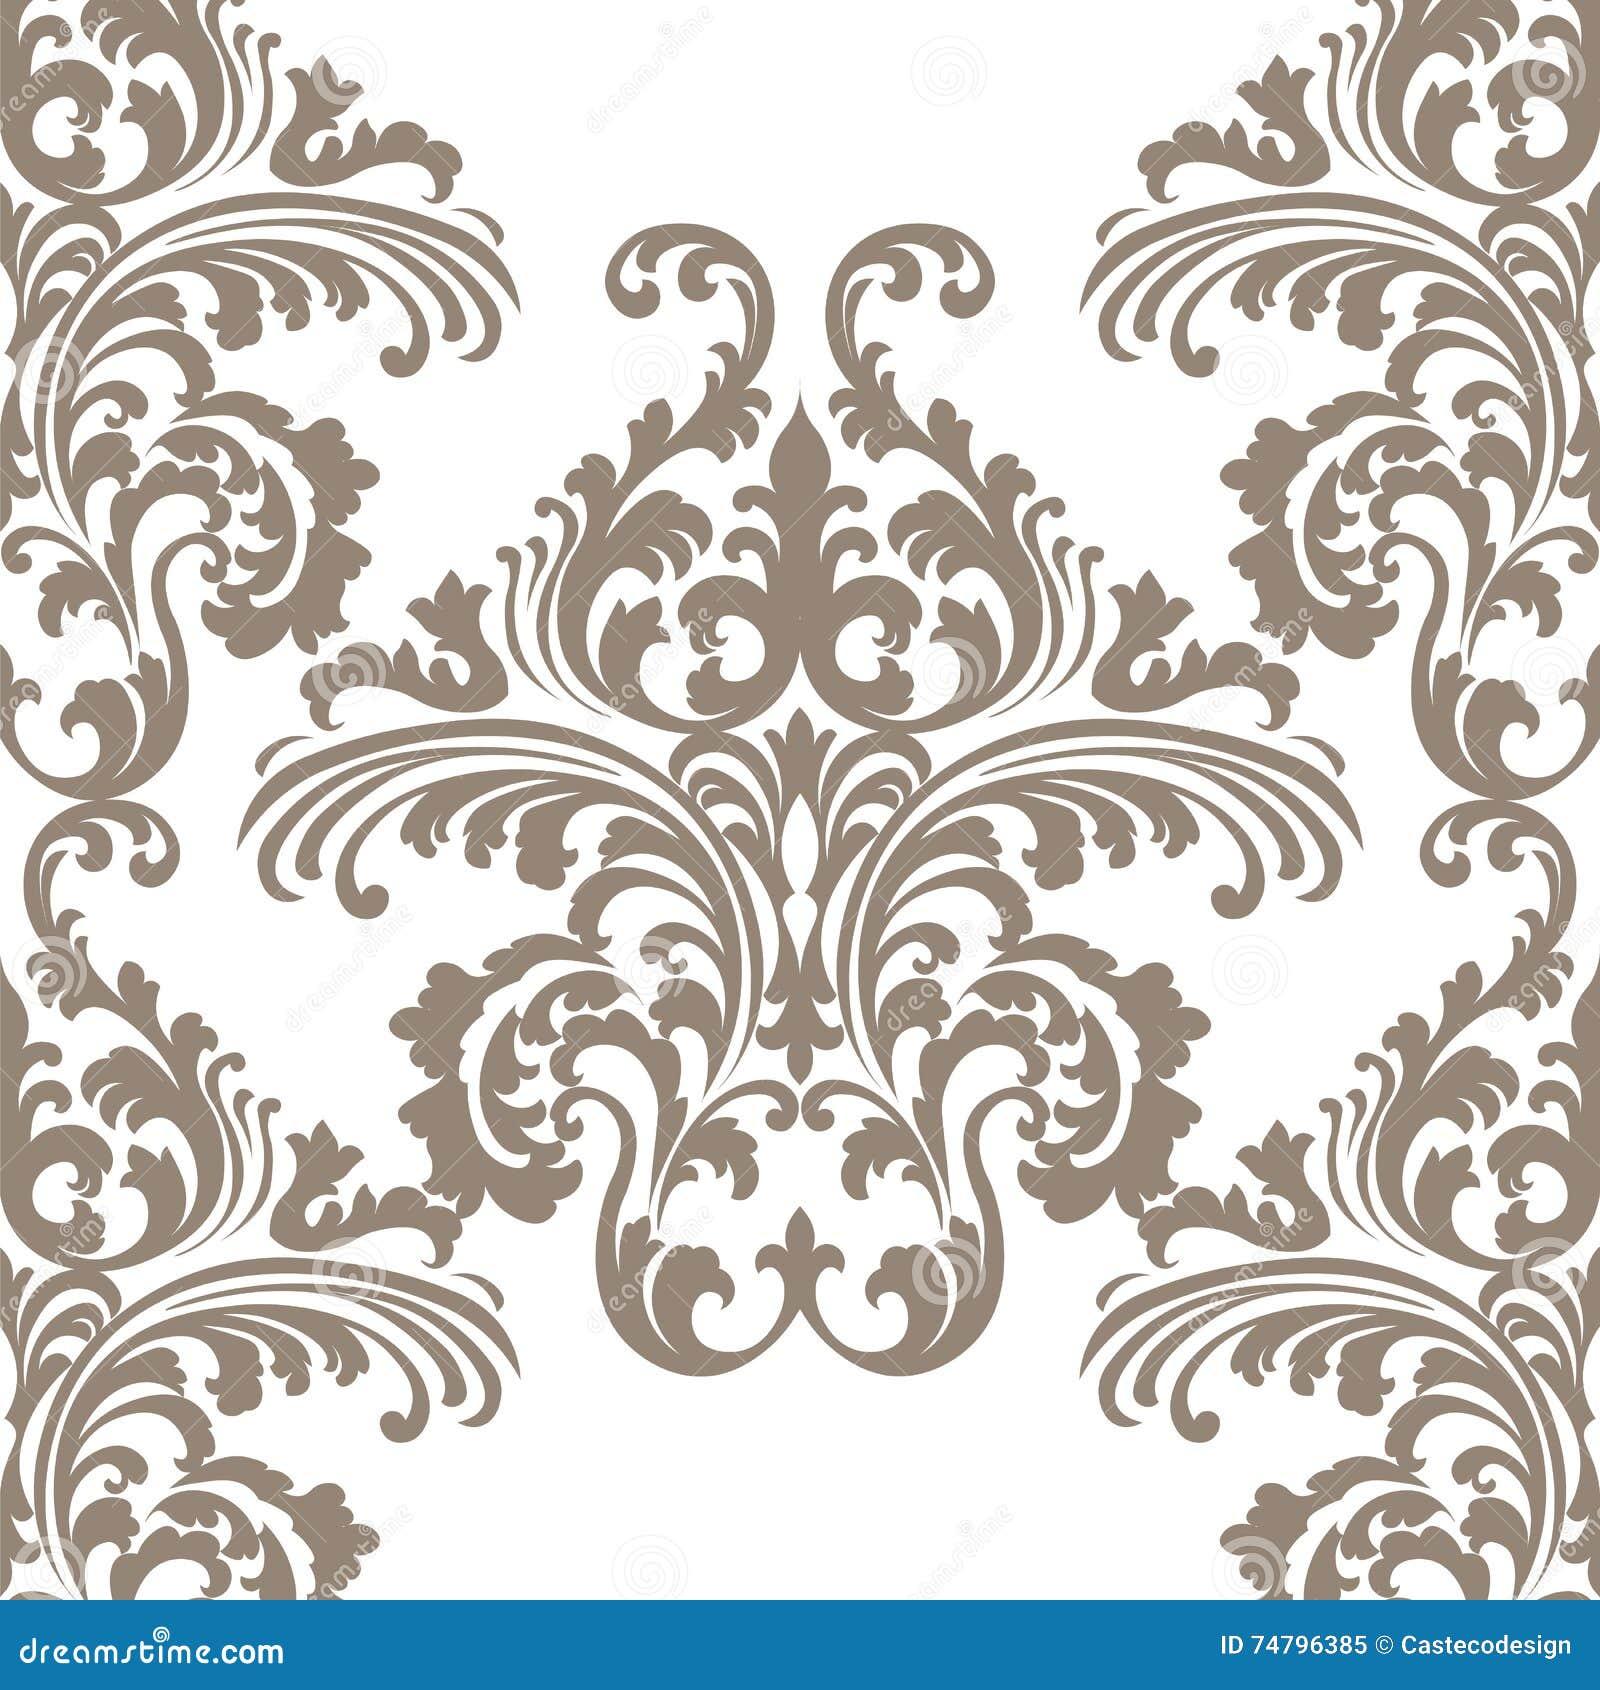 rococo motif vintage floral - photo #2